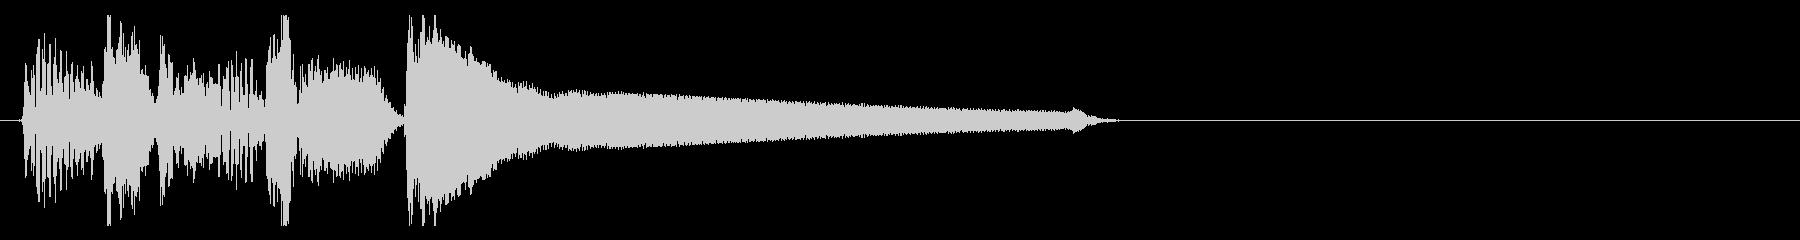 アップライトベース 場面切り替わるの未再生の波形